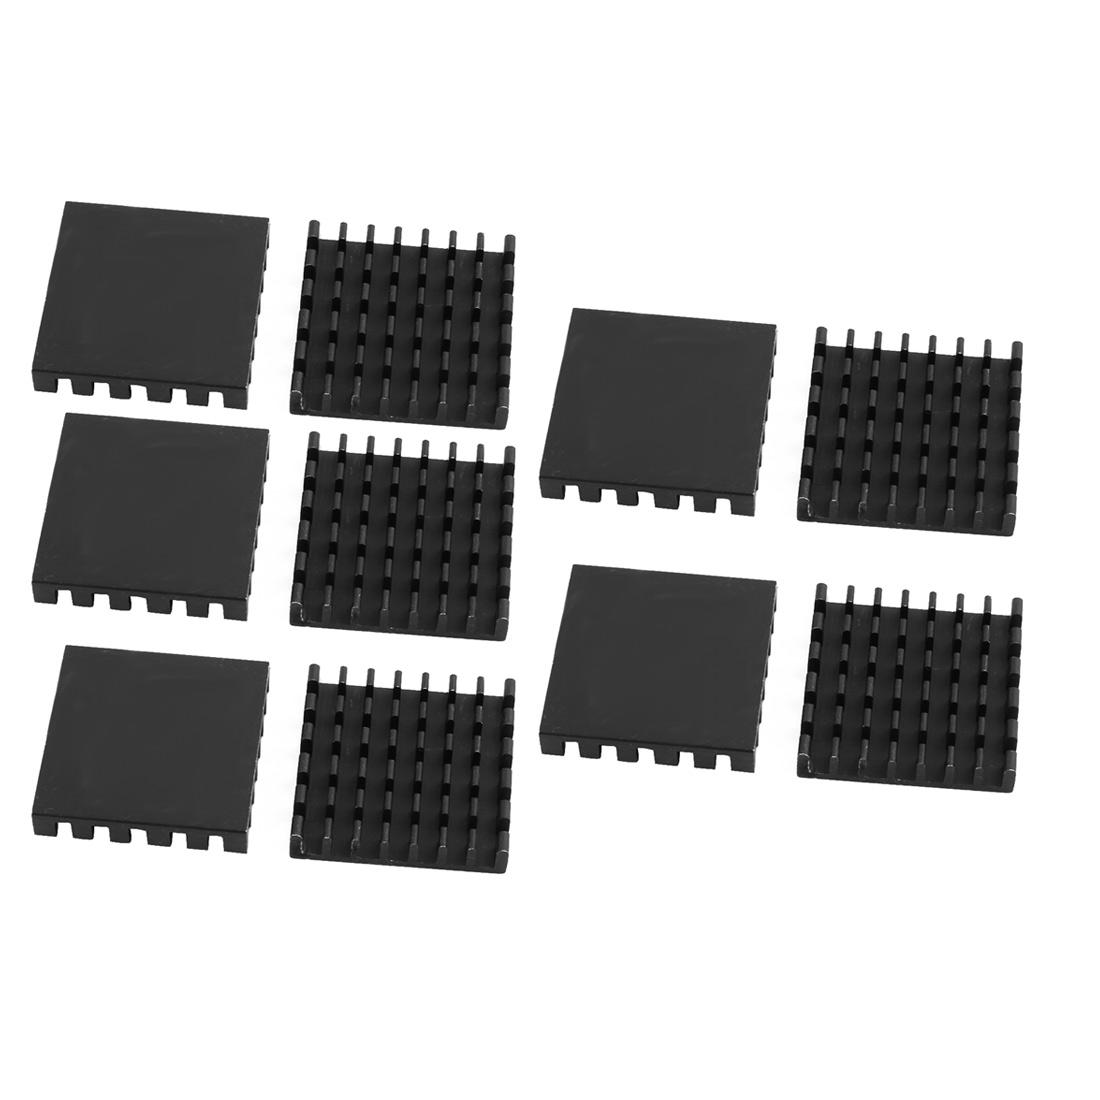 10pcs 25mmx25mmx5mm Black Aluminum Heatsink Heat Diffuse Cooling Fin